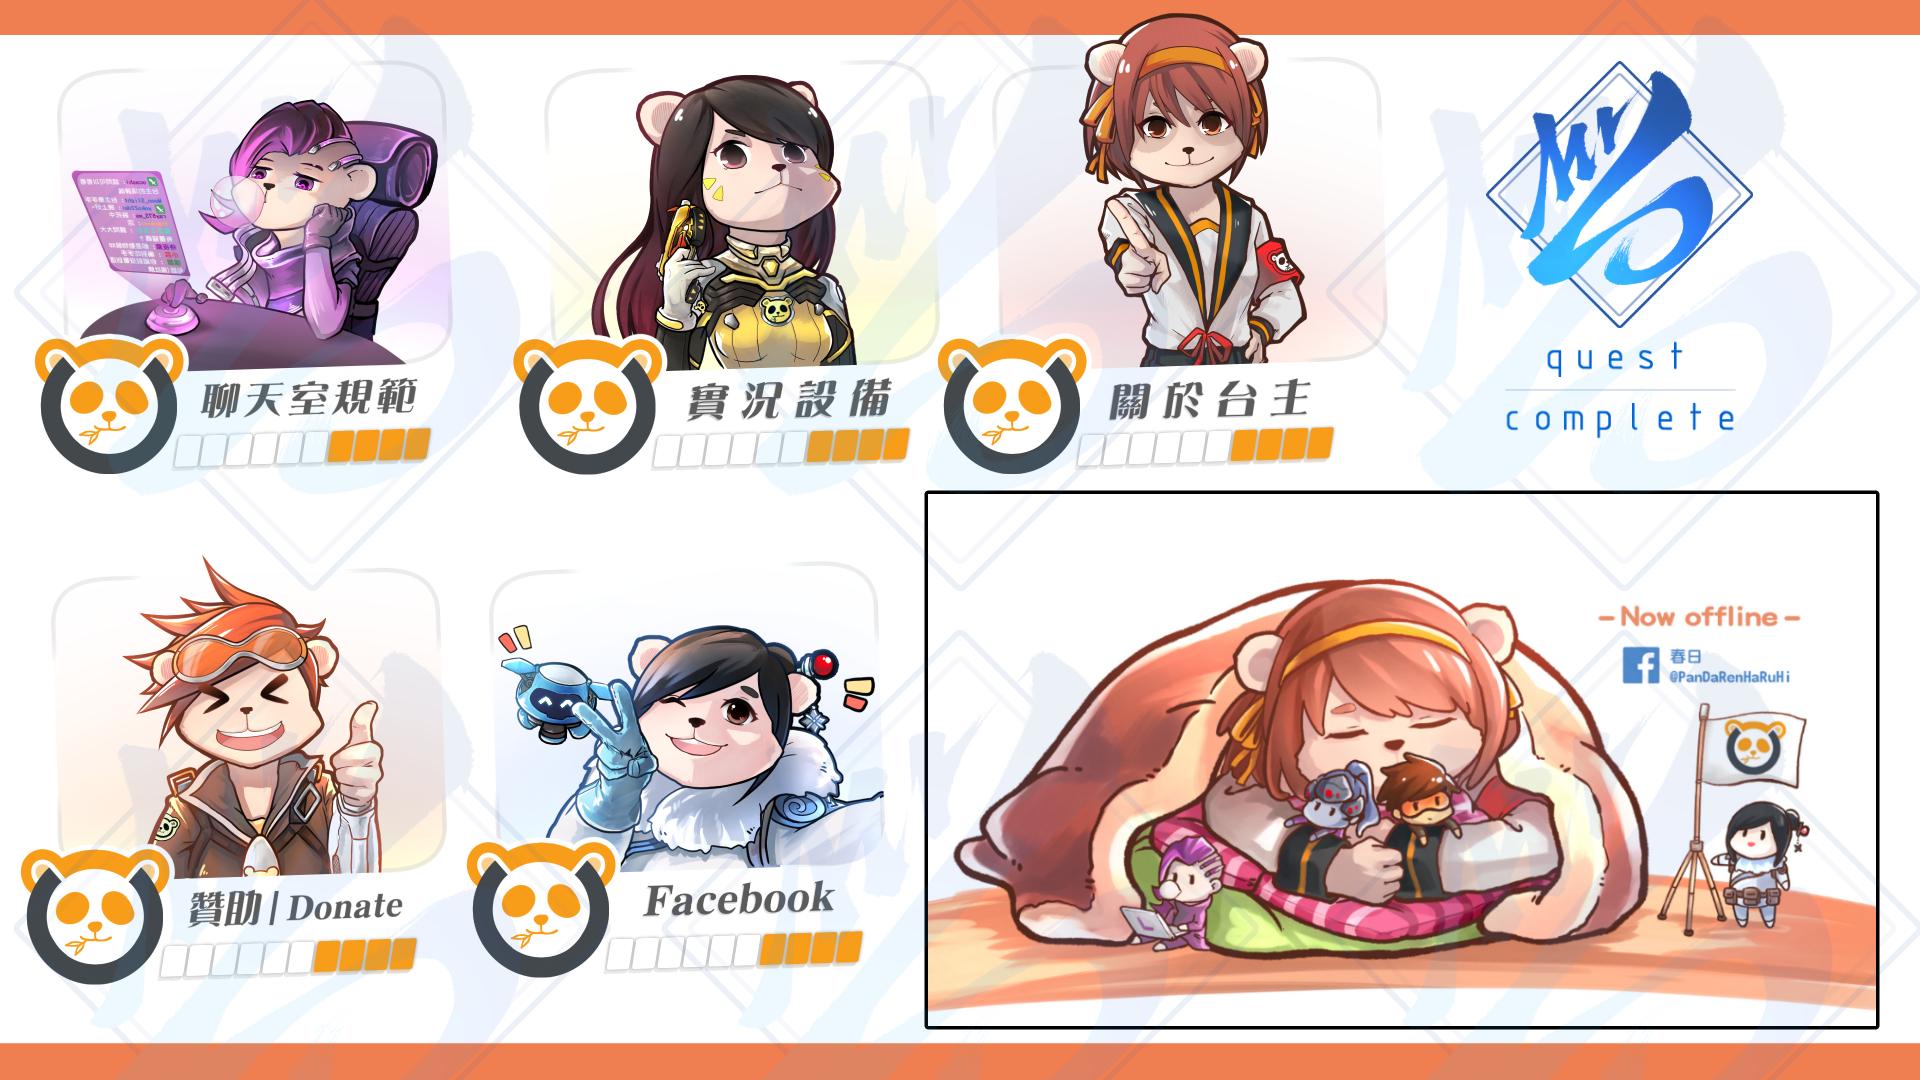 委託人:熊貓人春日 | pandaharuhi